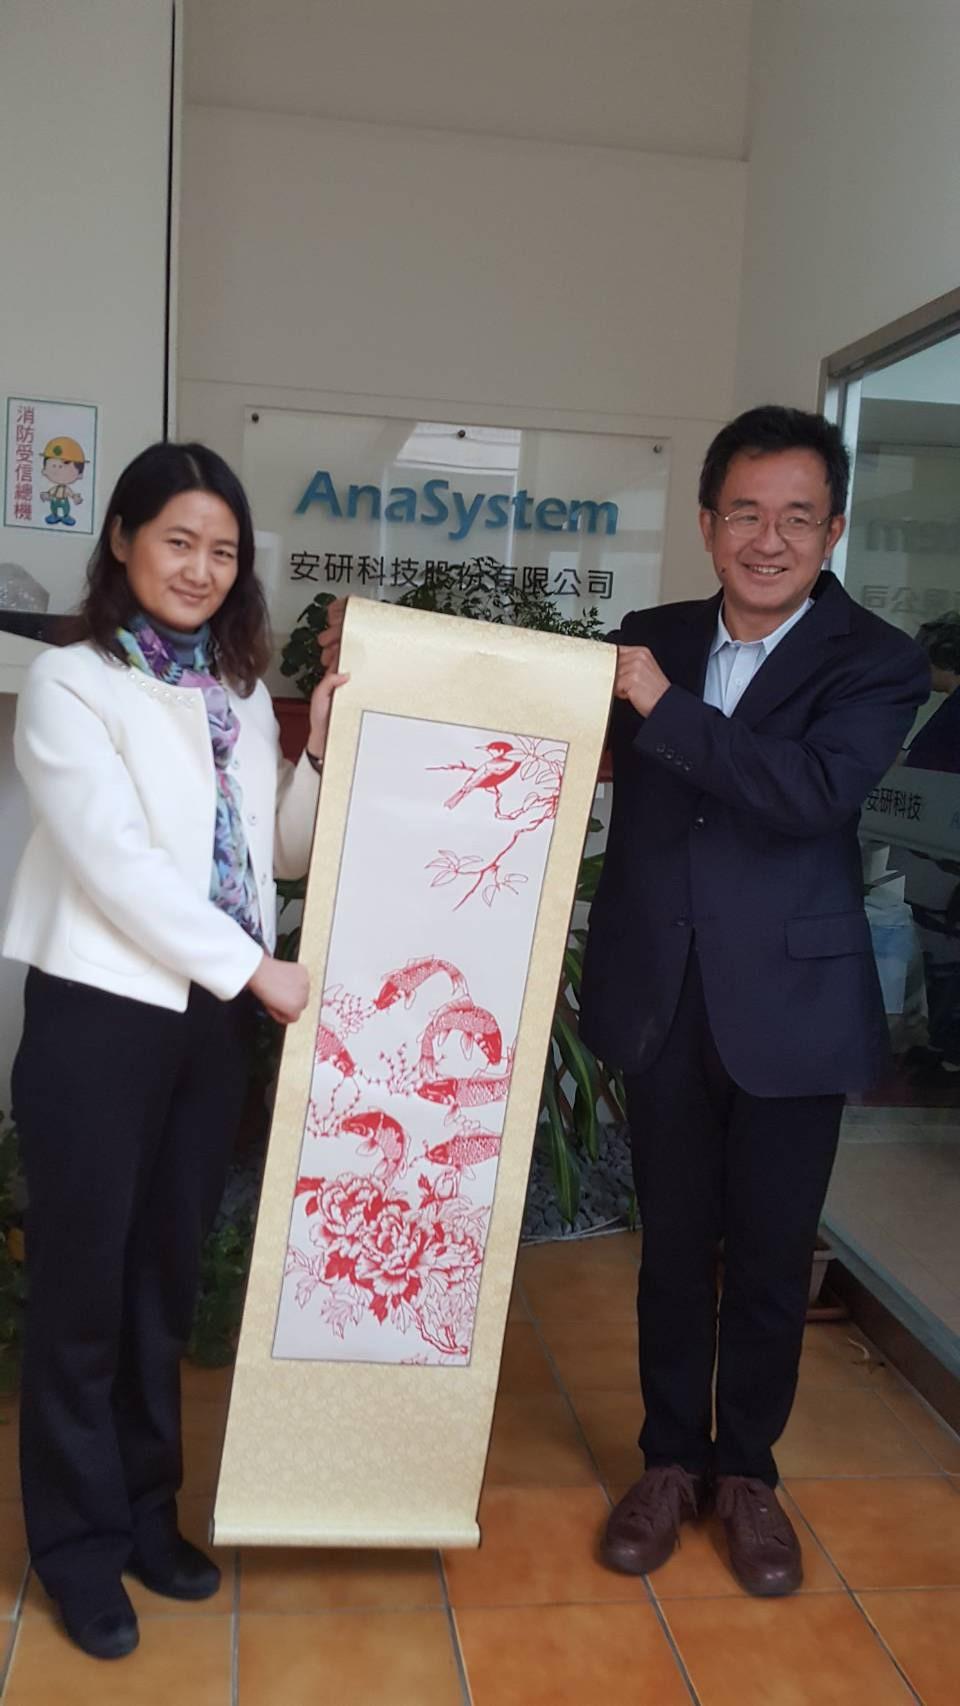 北京市朝陽區環境保護局冷春華副局長一行人拜訪安研科技